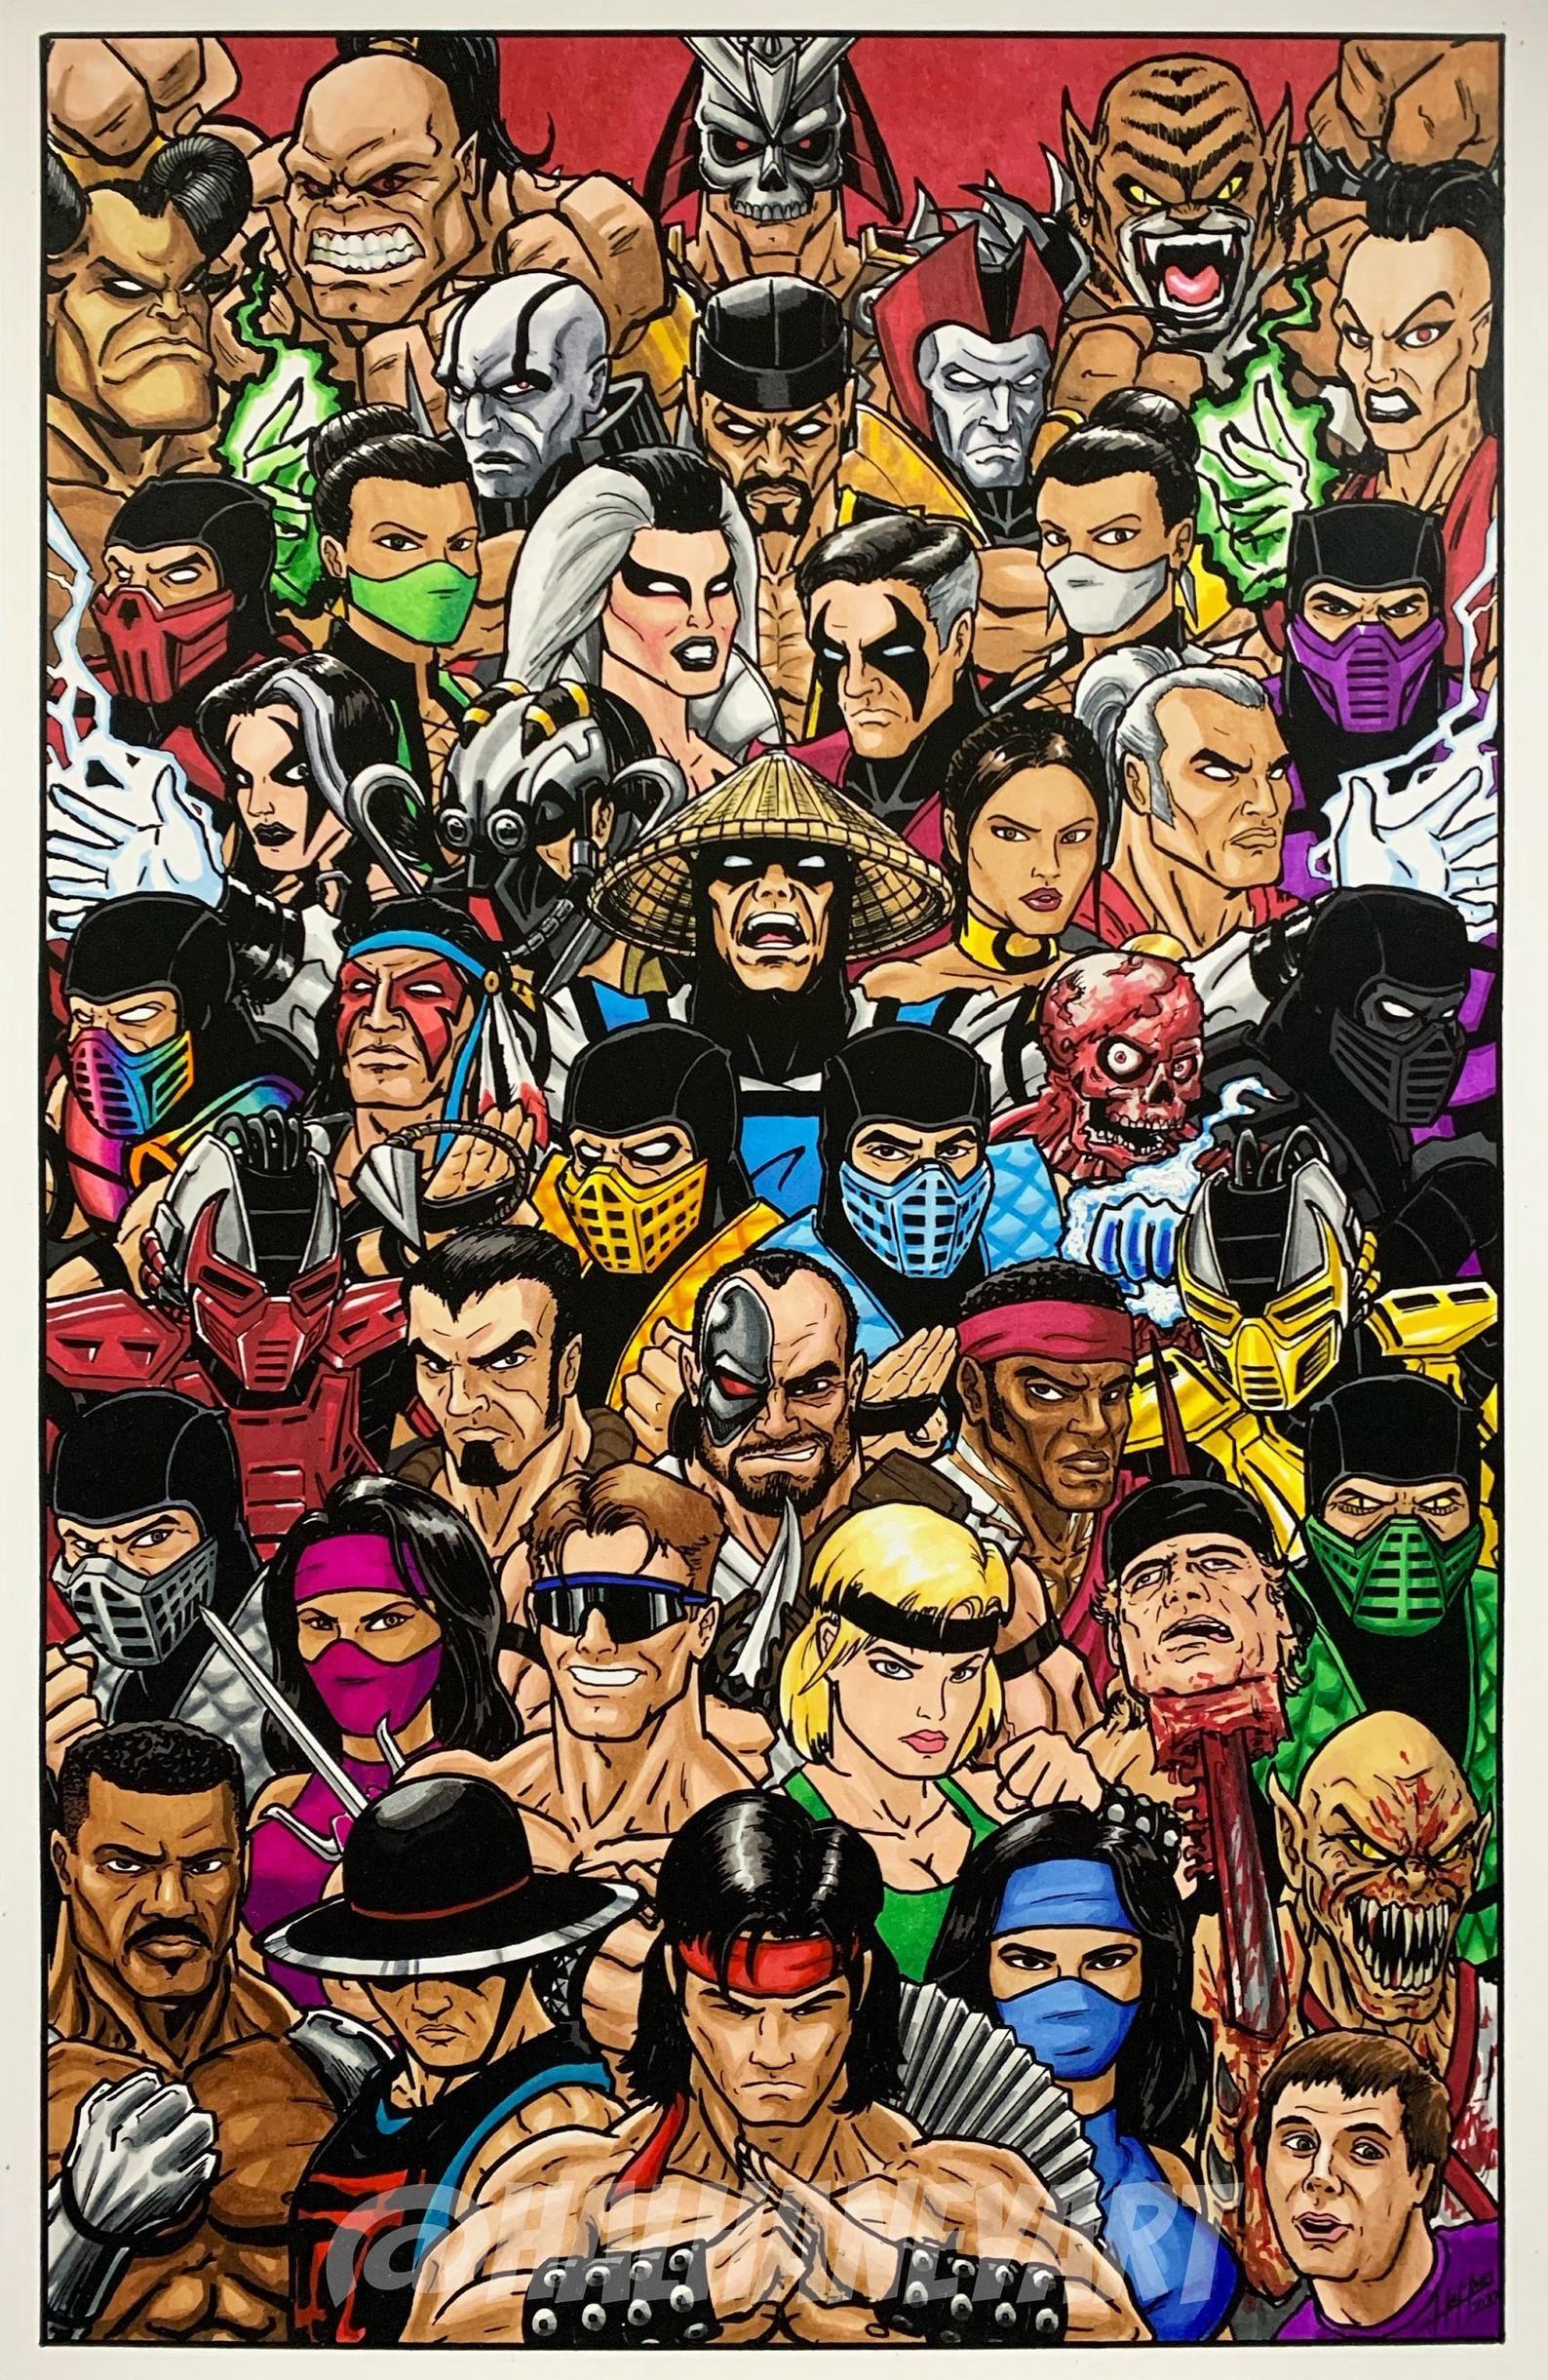 Mortal kombat 90s 11x17 fine art print in 2020 mortal